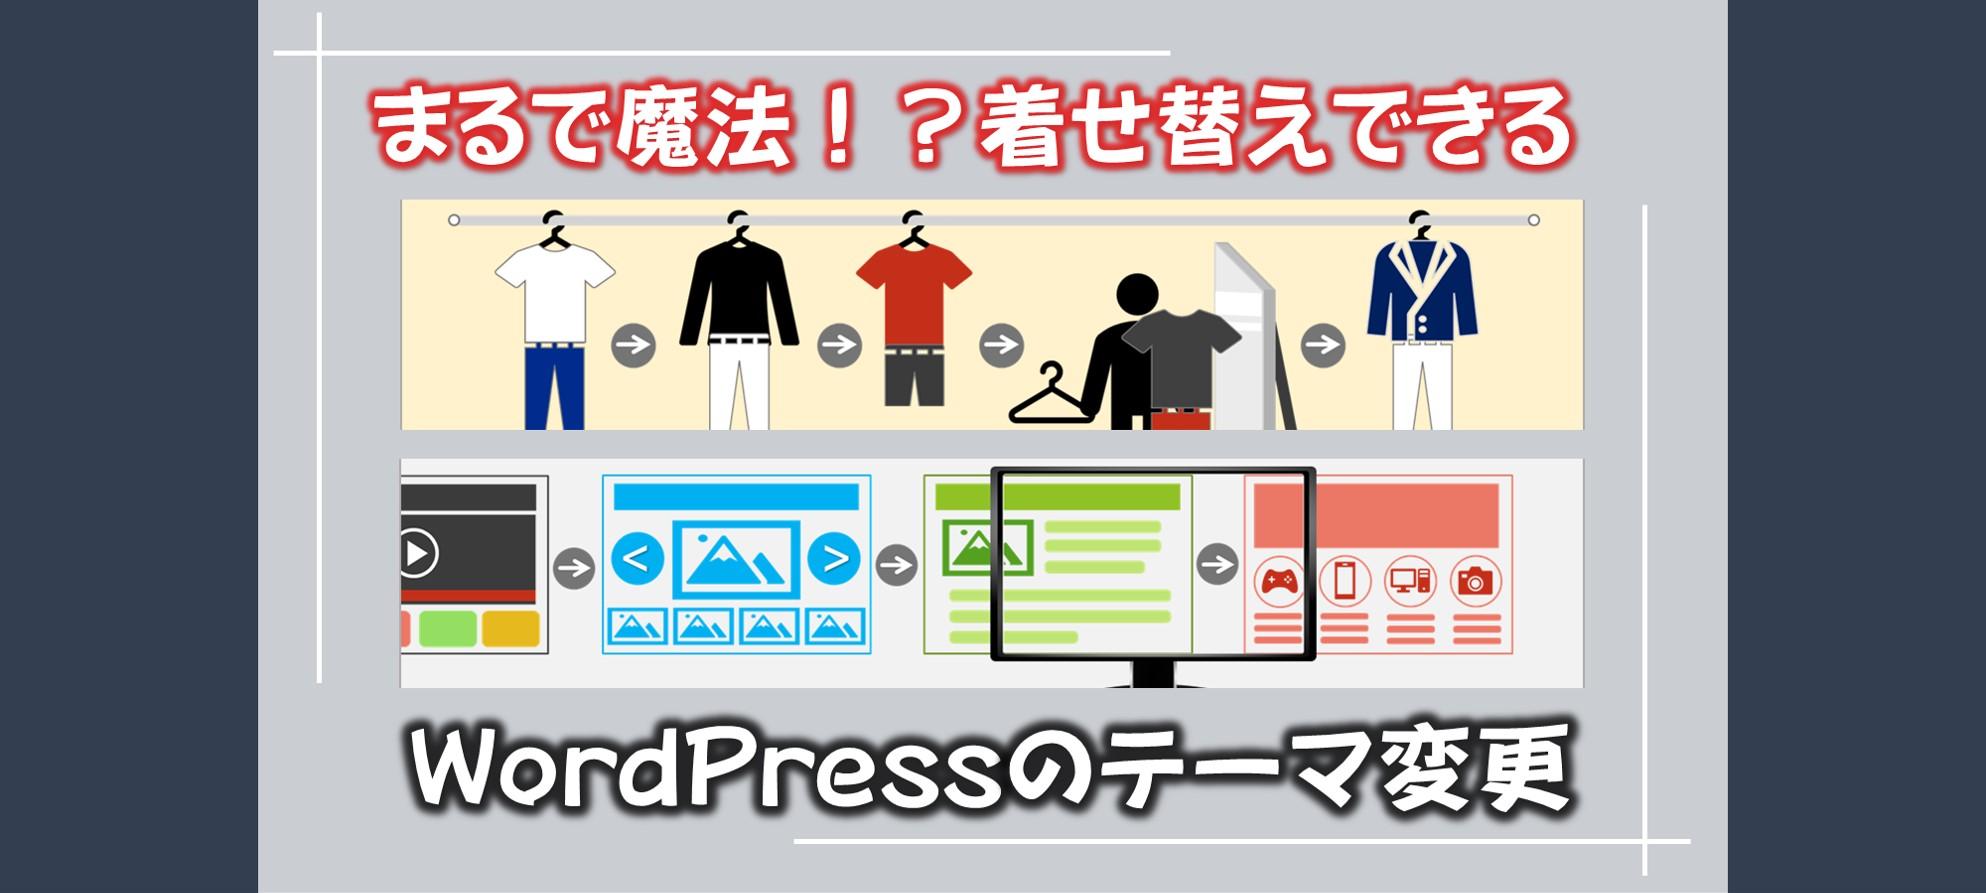 初心者にもわかるWordPress収益化のためのテーマ変更ガイド